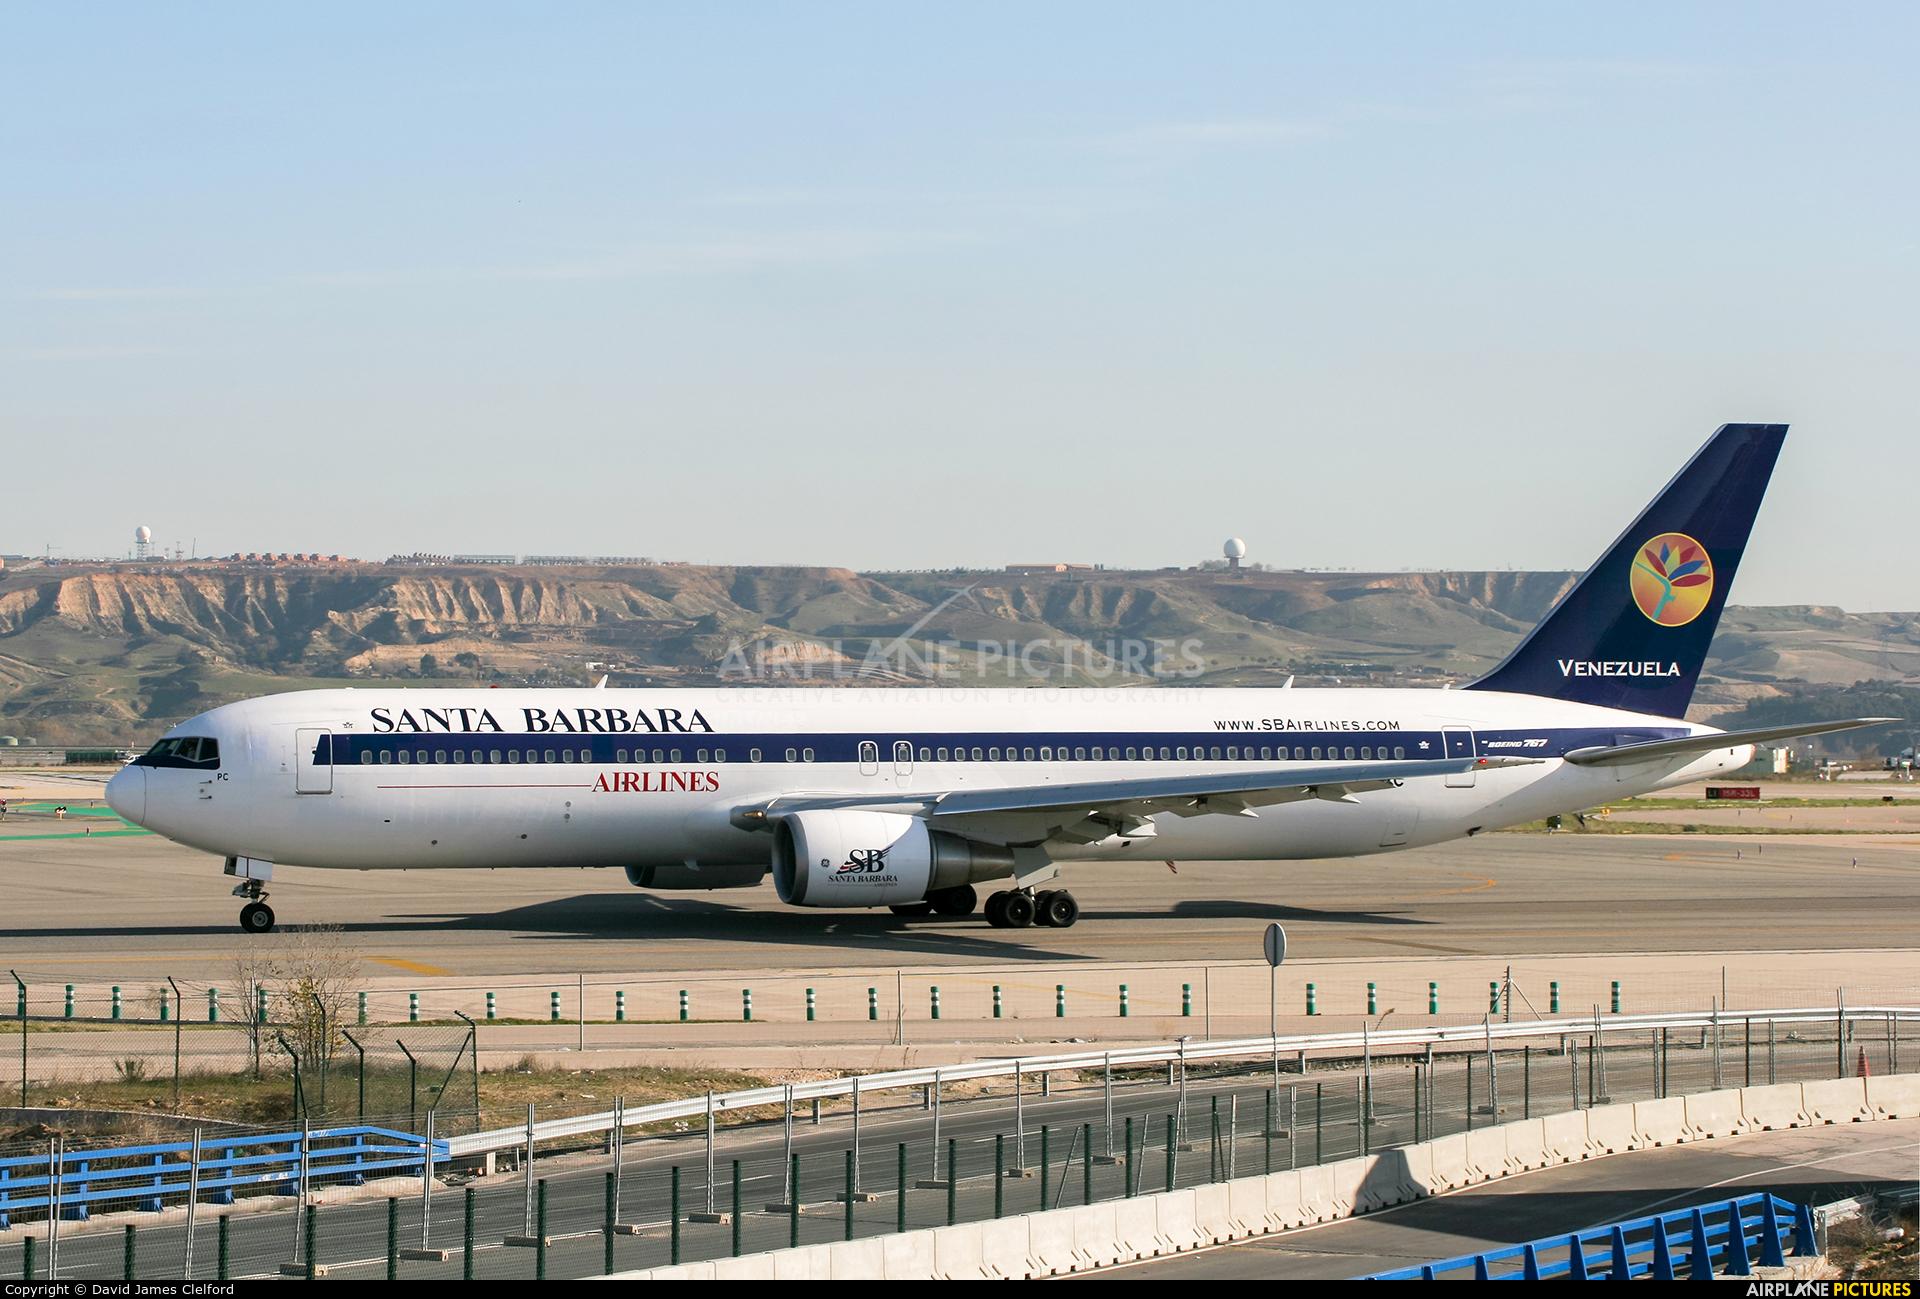 Santa Barbara Airlines SP-LPC aircraft at Madrid - Barajas